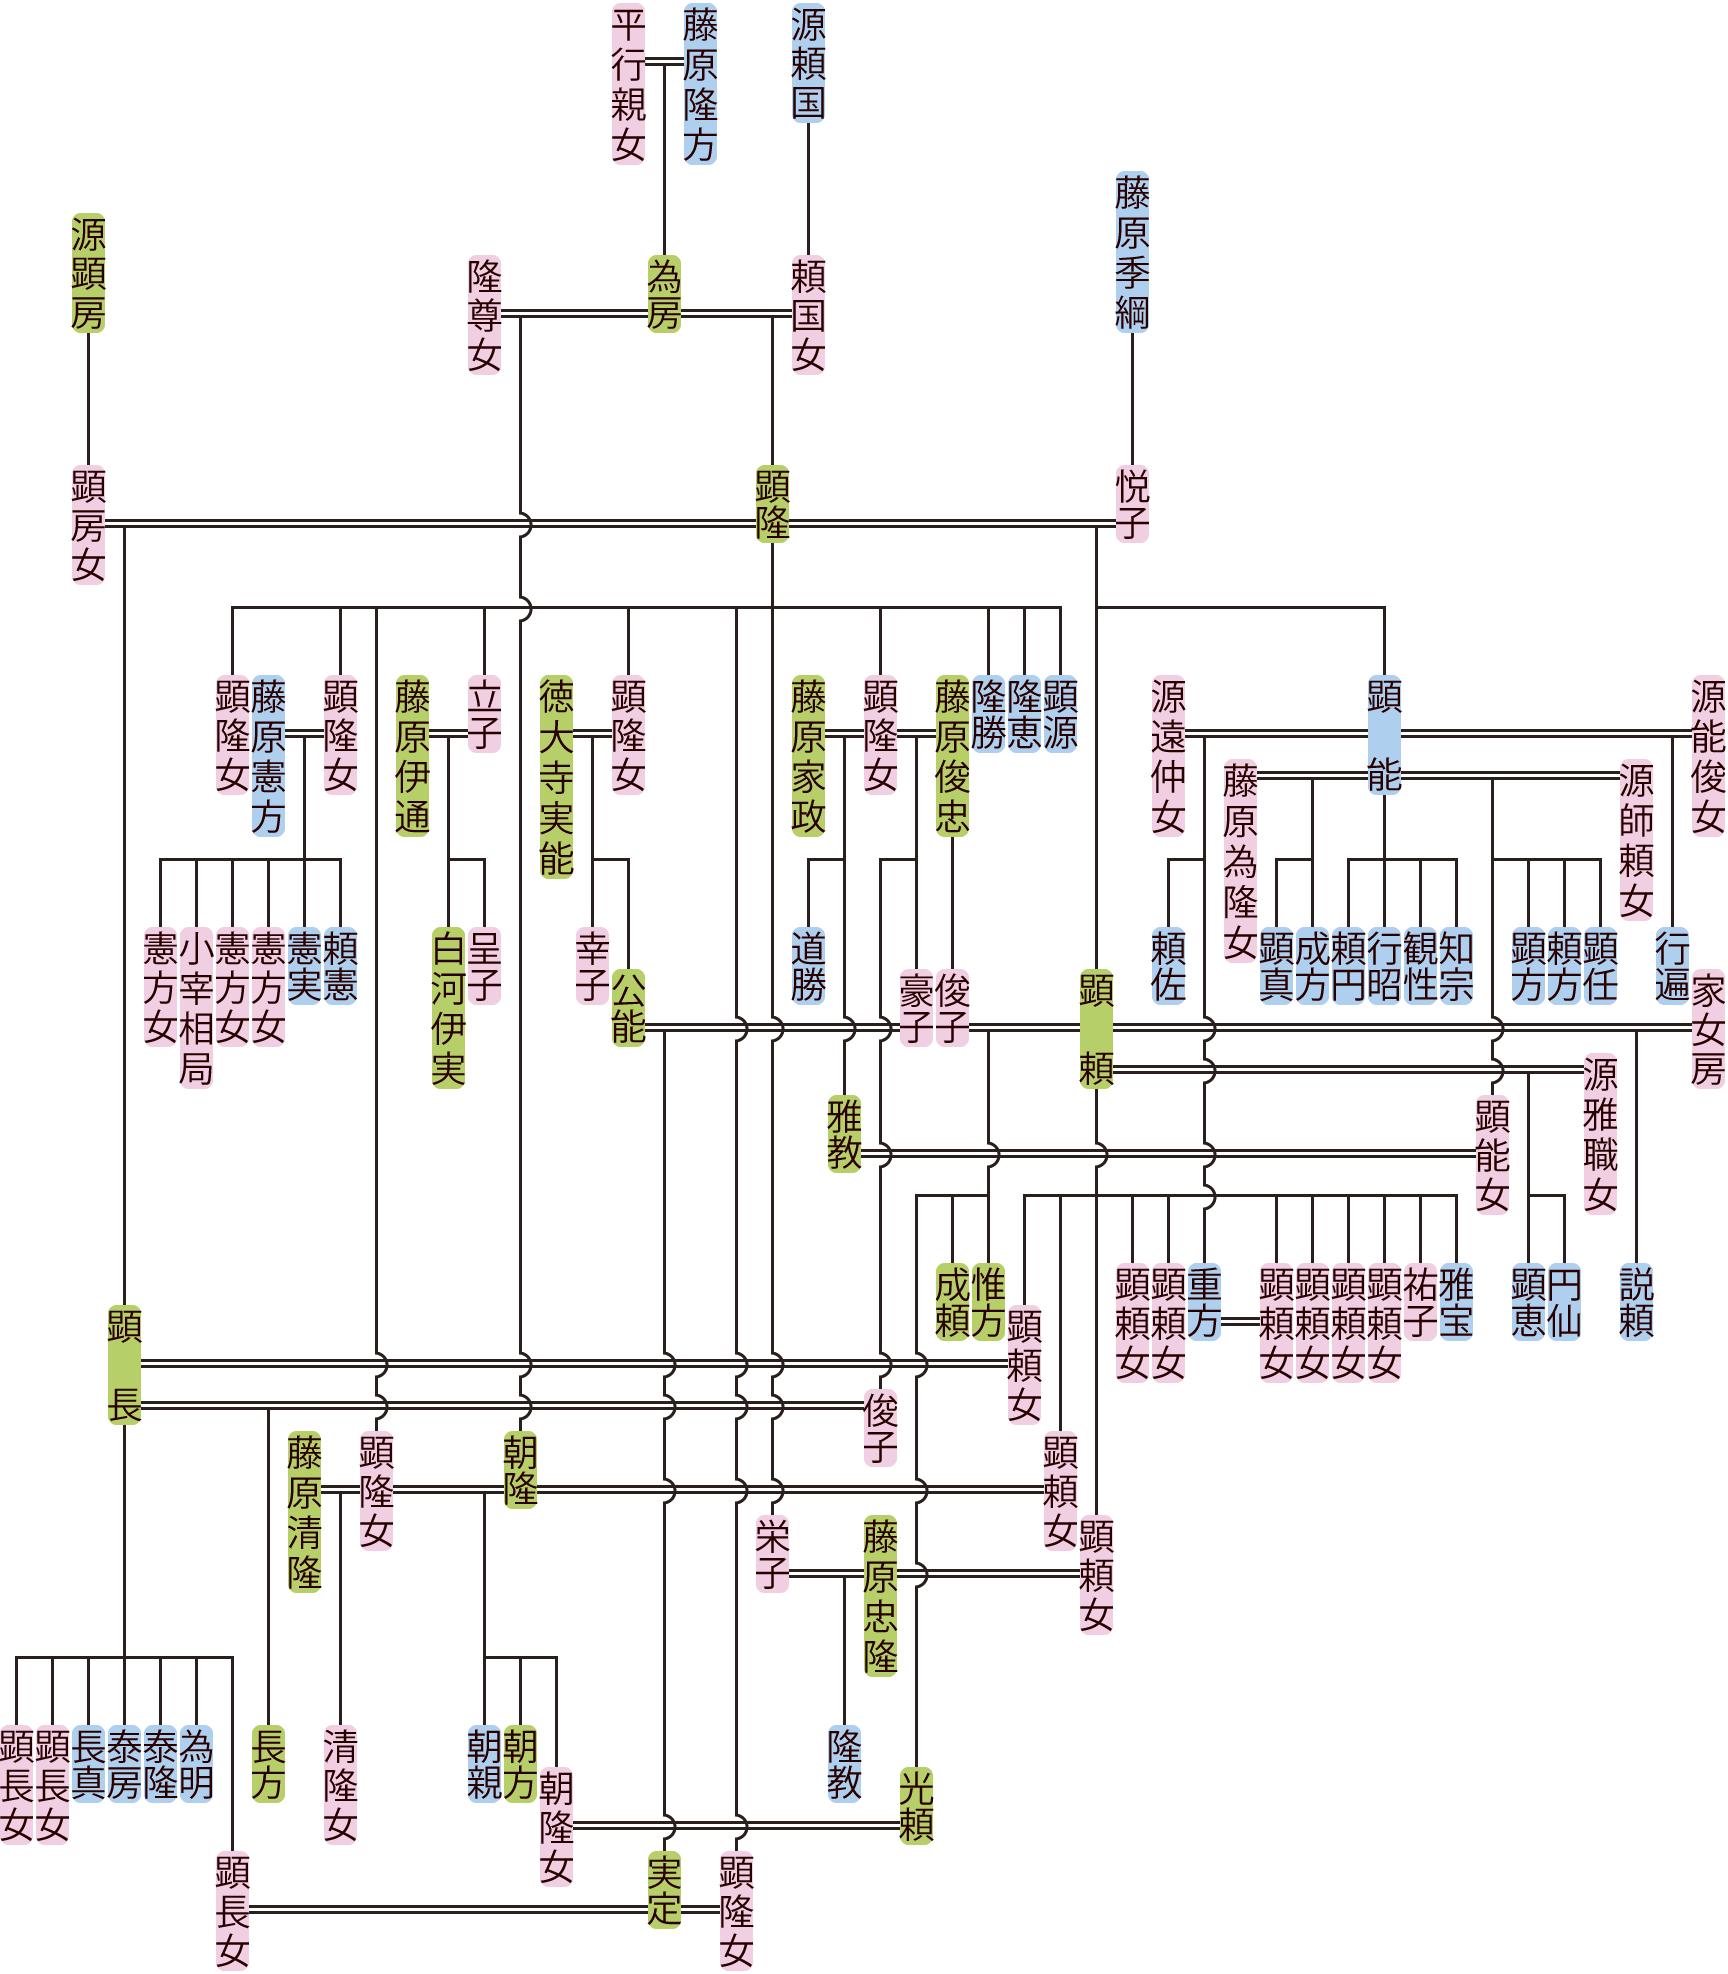 藤原顕隆の系図